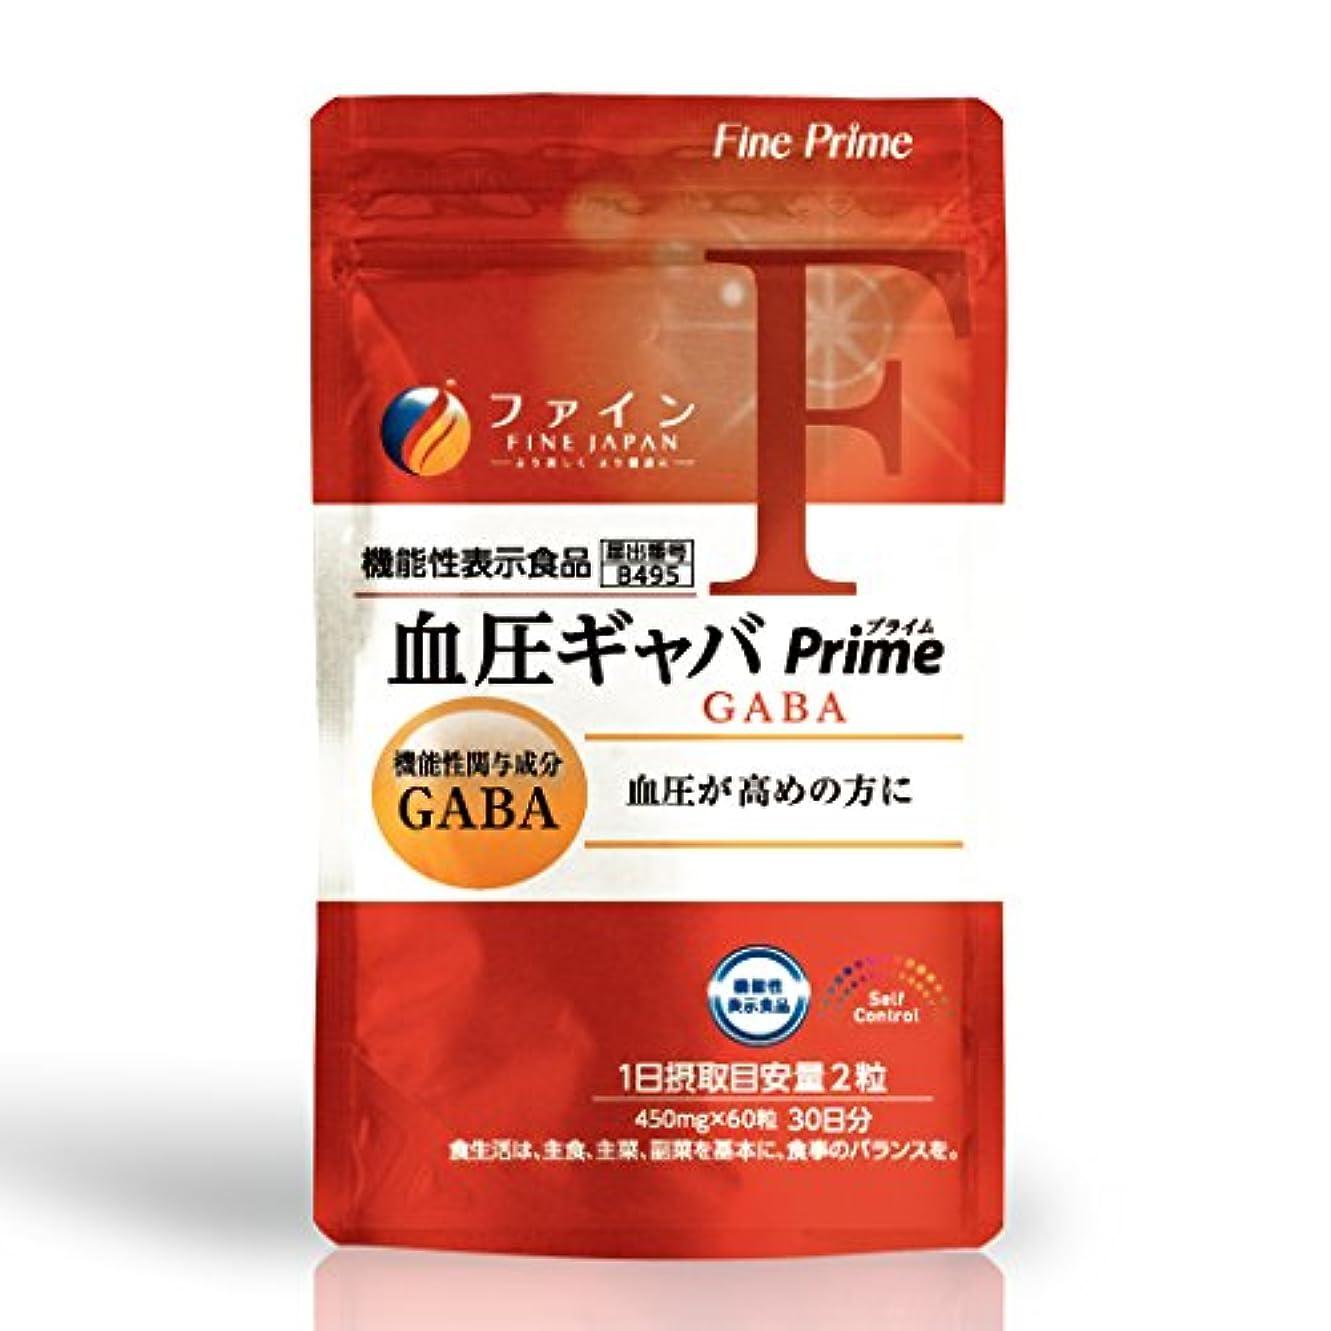 するだろう計算する中古[機能性表示食品] ファイン 血圧ギャバprime 血圧が高めの方に GABA20mg配合 30日分(1日2粒/60粒入)